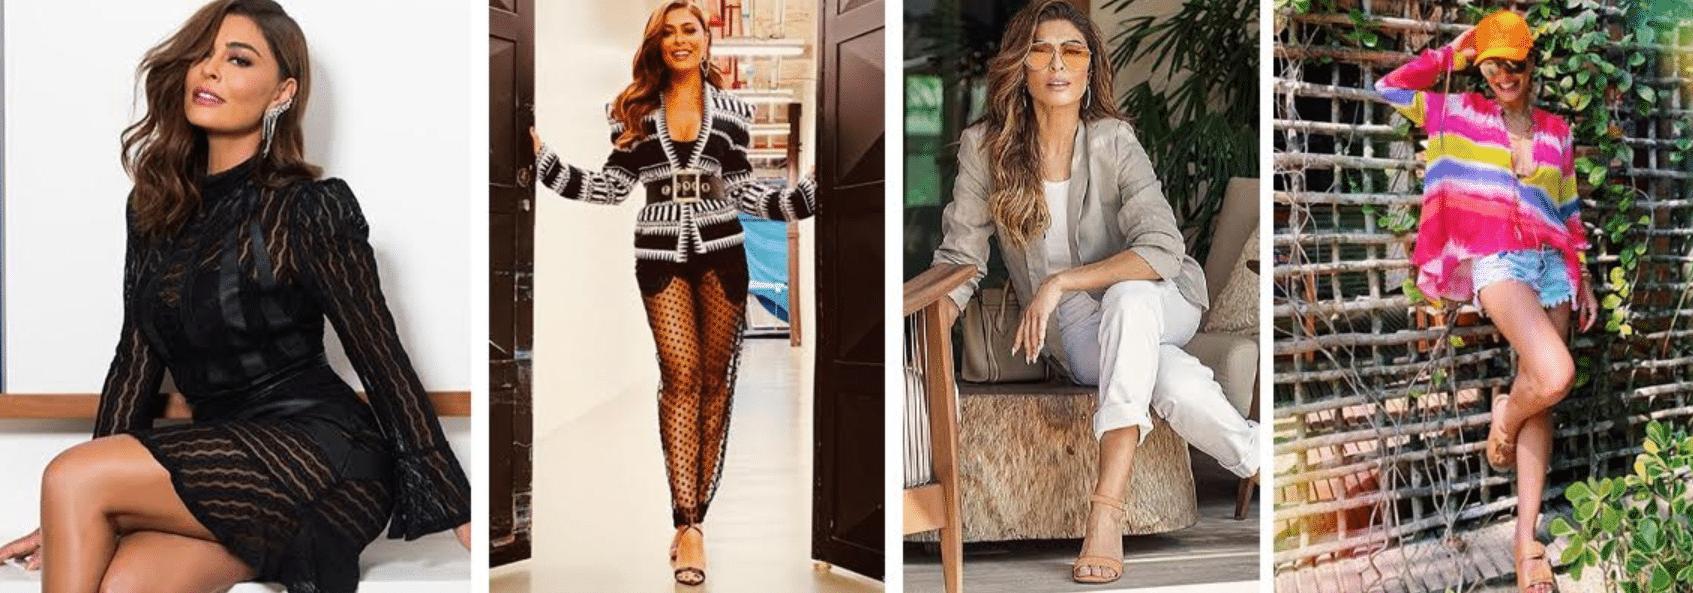 quatro fotos da atriz Juliana Paes usando roupas de diversos estilos